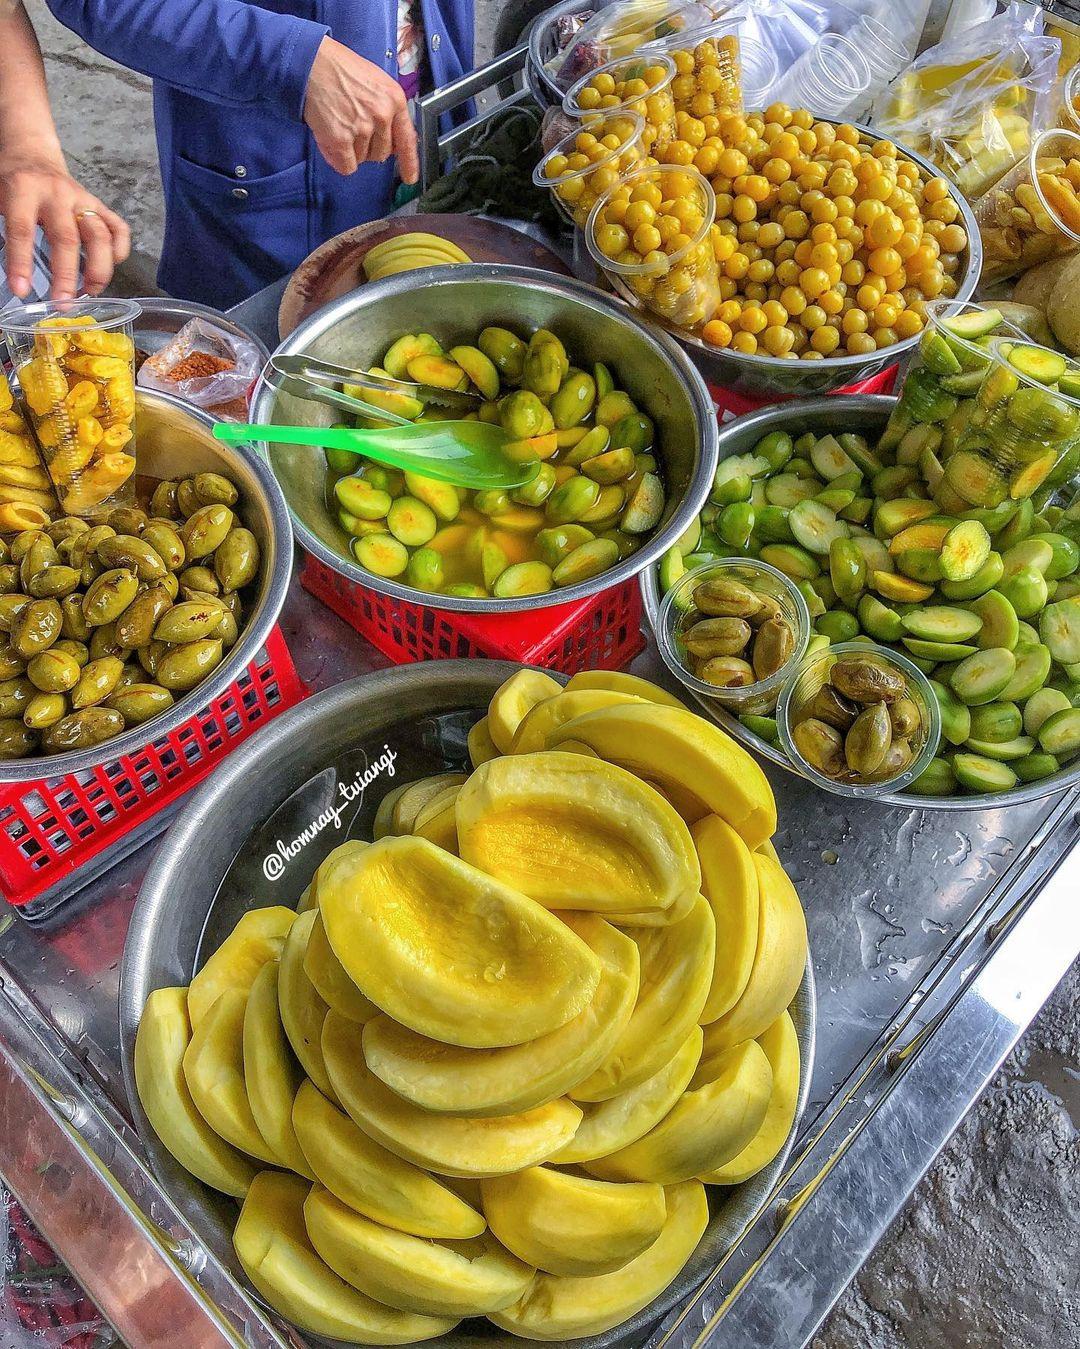 """Tp Hồ Chí Minh: Kỳ lạ, xe trái cây dạo 30 năm """"gây nghiện"""" với món lạ """"ổi luộc chấm mắm ruốc"""" - Ảnh 3."""